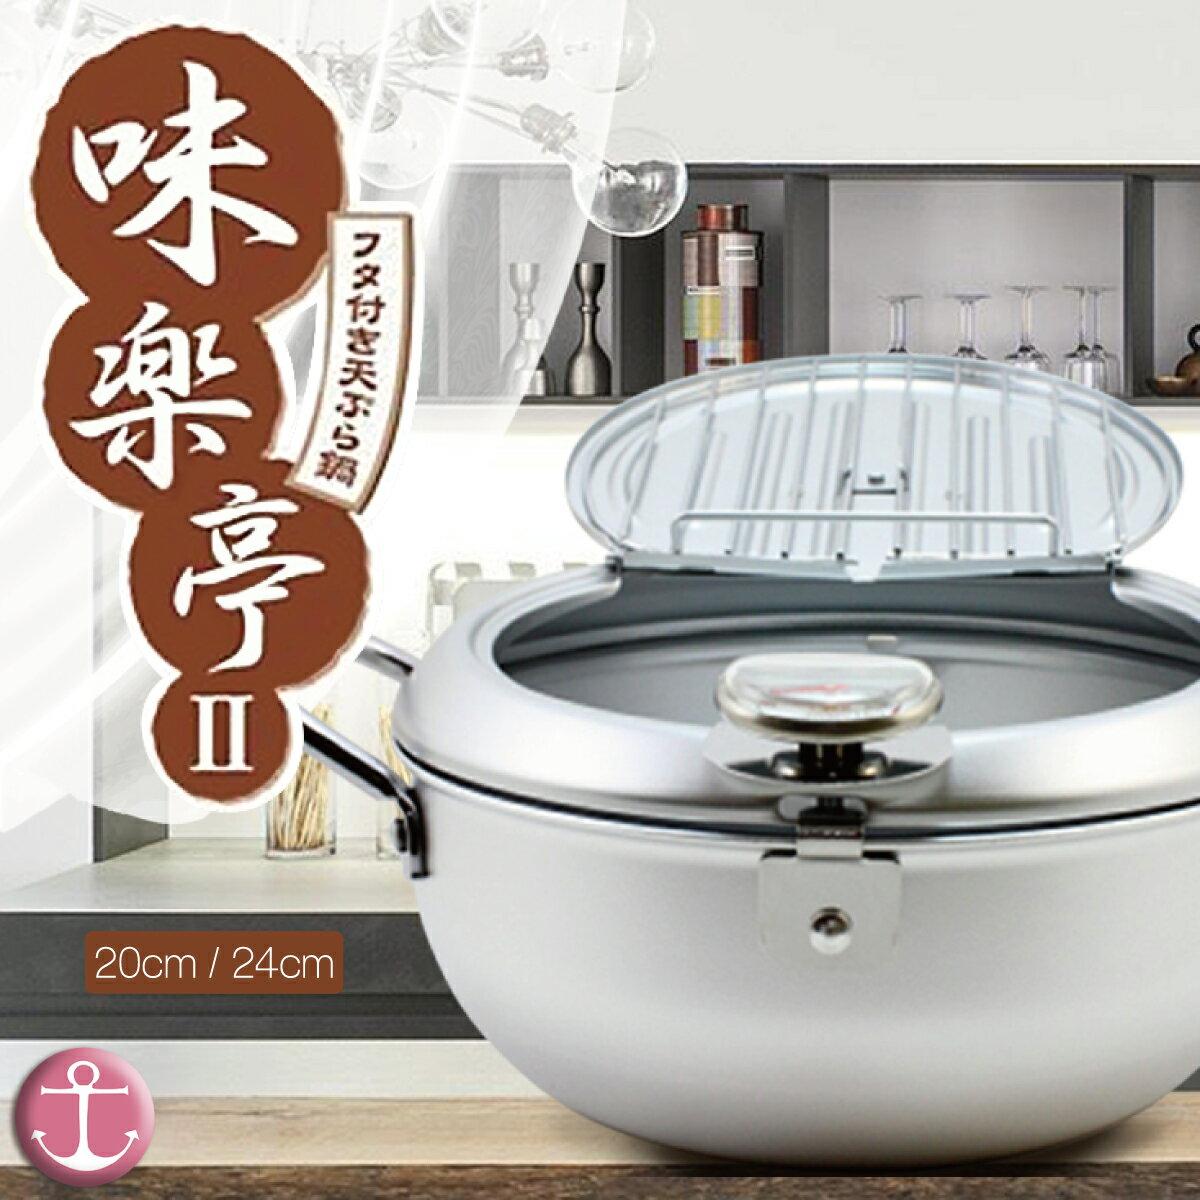 日本製味樂亭炸鍋 20cm/24公分 天婦羅 炸機油炸附溫度計